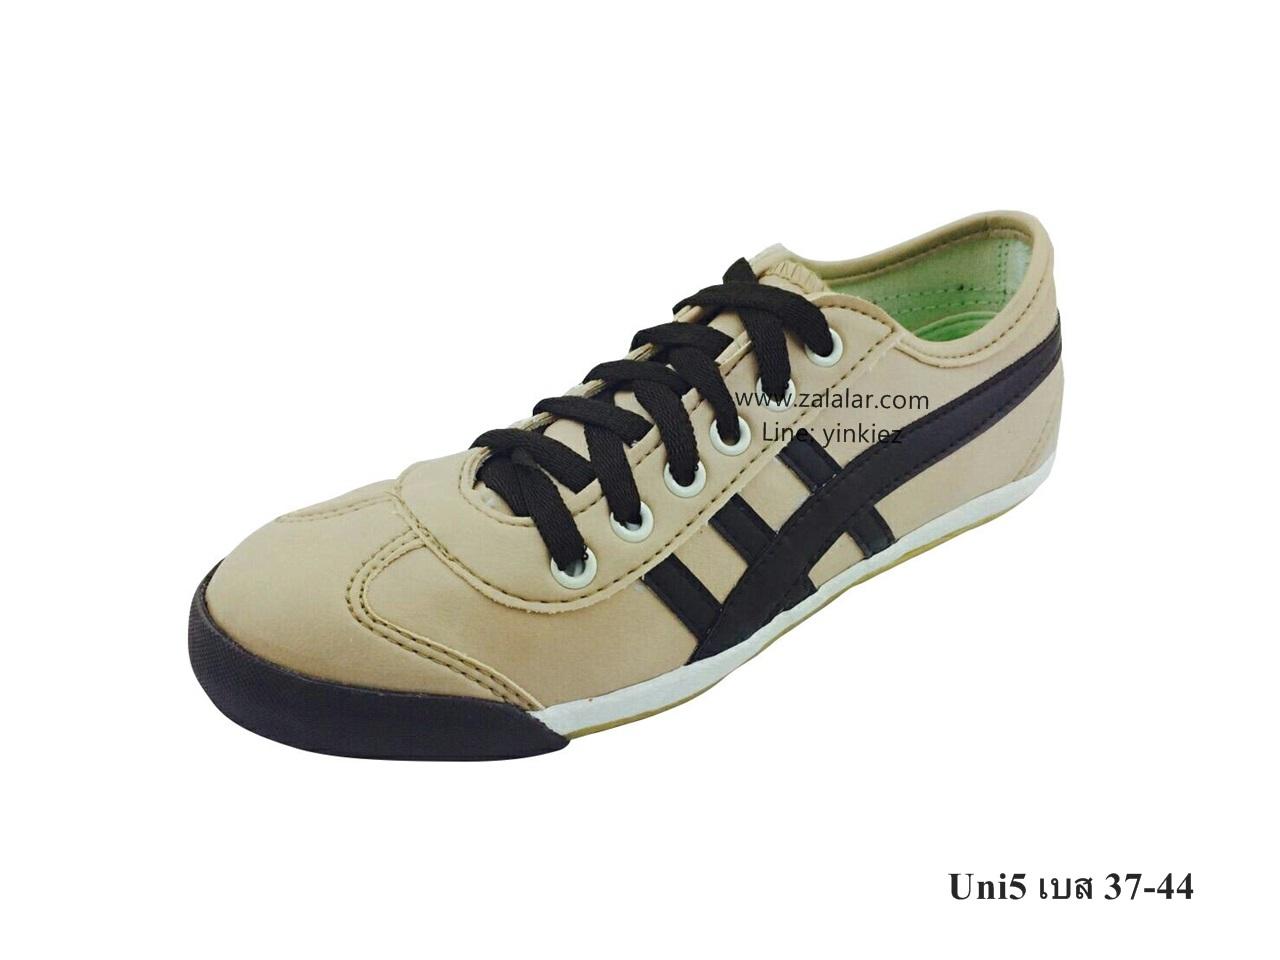 [พร้อมส่ง] รองเท้าผ้าใบแฟชั่น รุ่น Uni5 สีเบส แบบหนัง